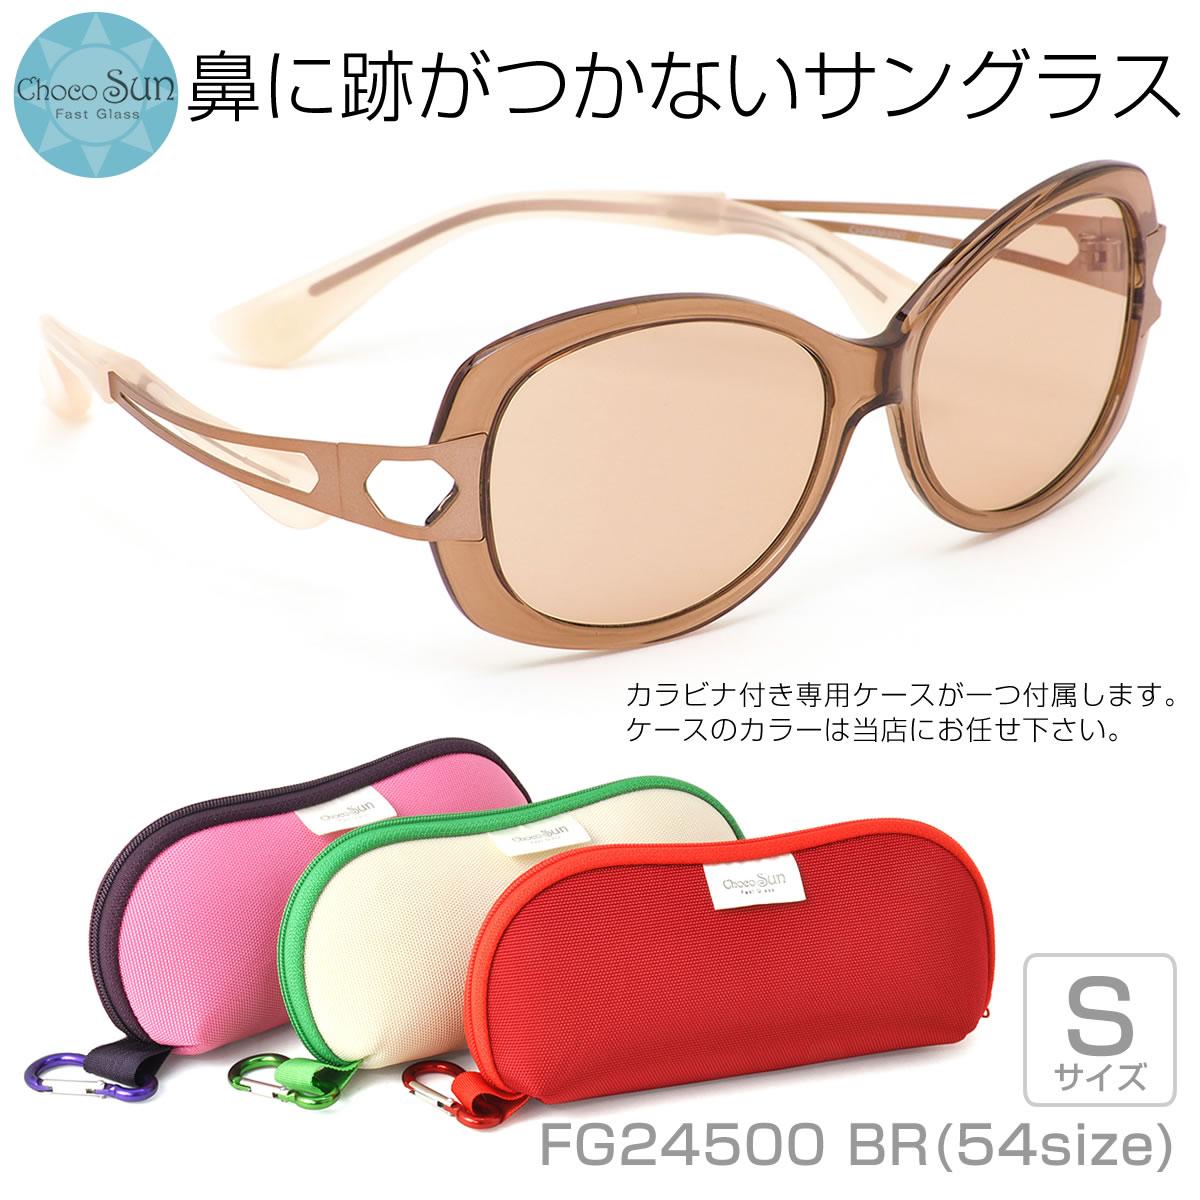 Choco Sun チョコサン サングラス FG24500 BR 54サイズ 鼻に跡がつかないサングラス Sサイズ ちょこサン ちょこさん 鼻パッドなし UVカット ブルーライトカット 母の日 ChocoSun メンズ レディース